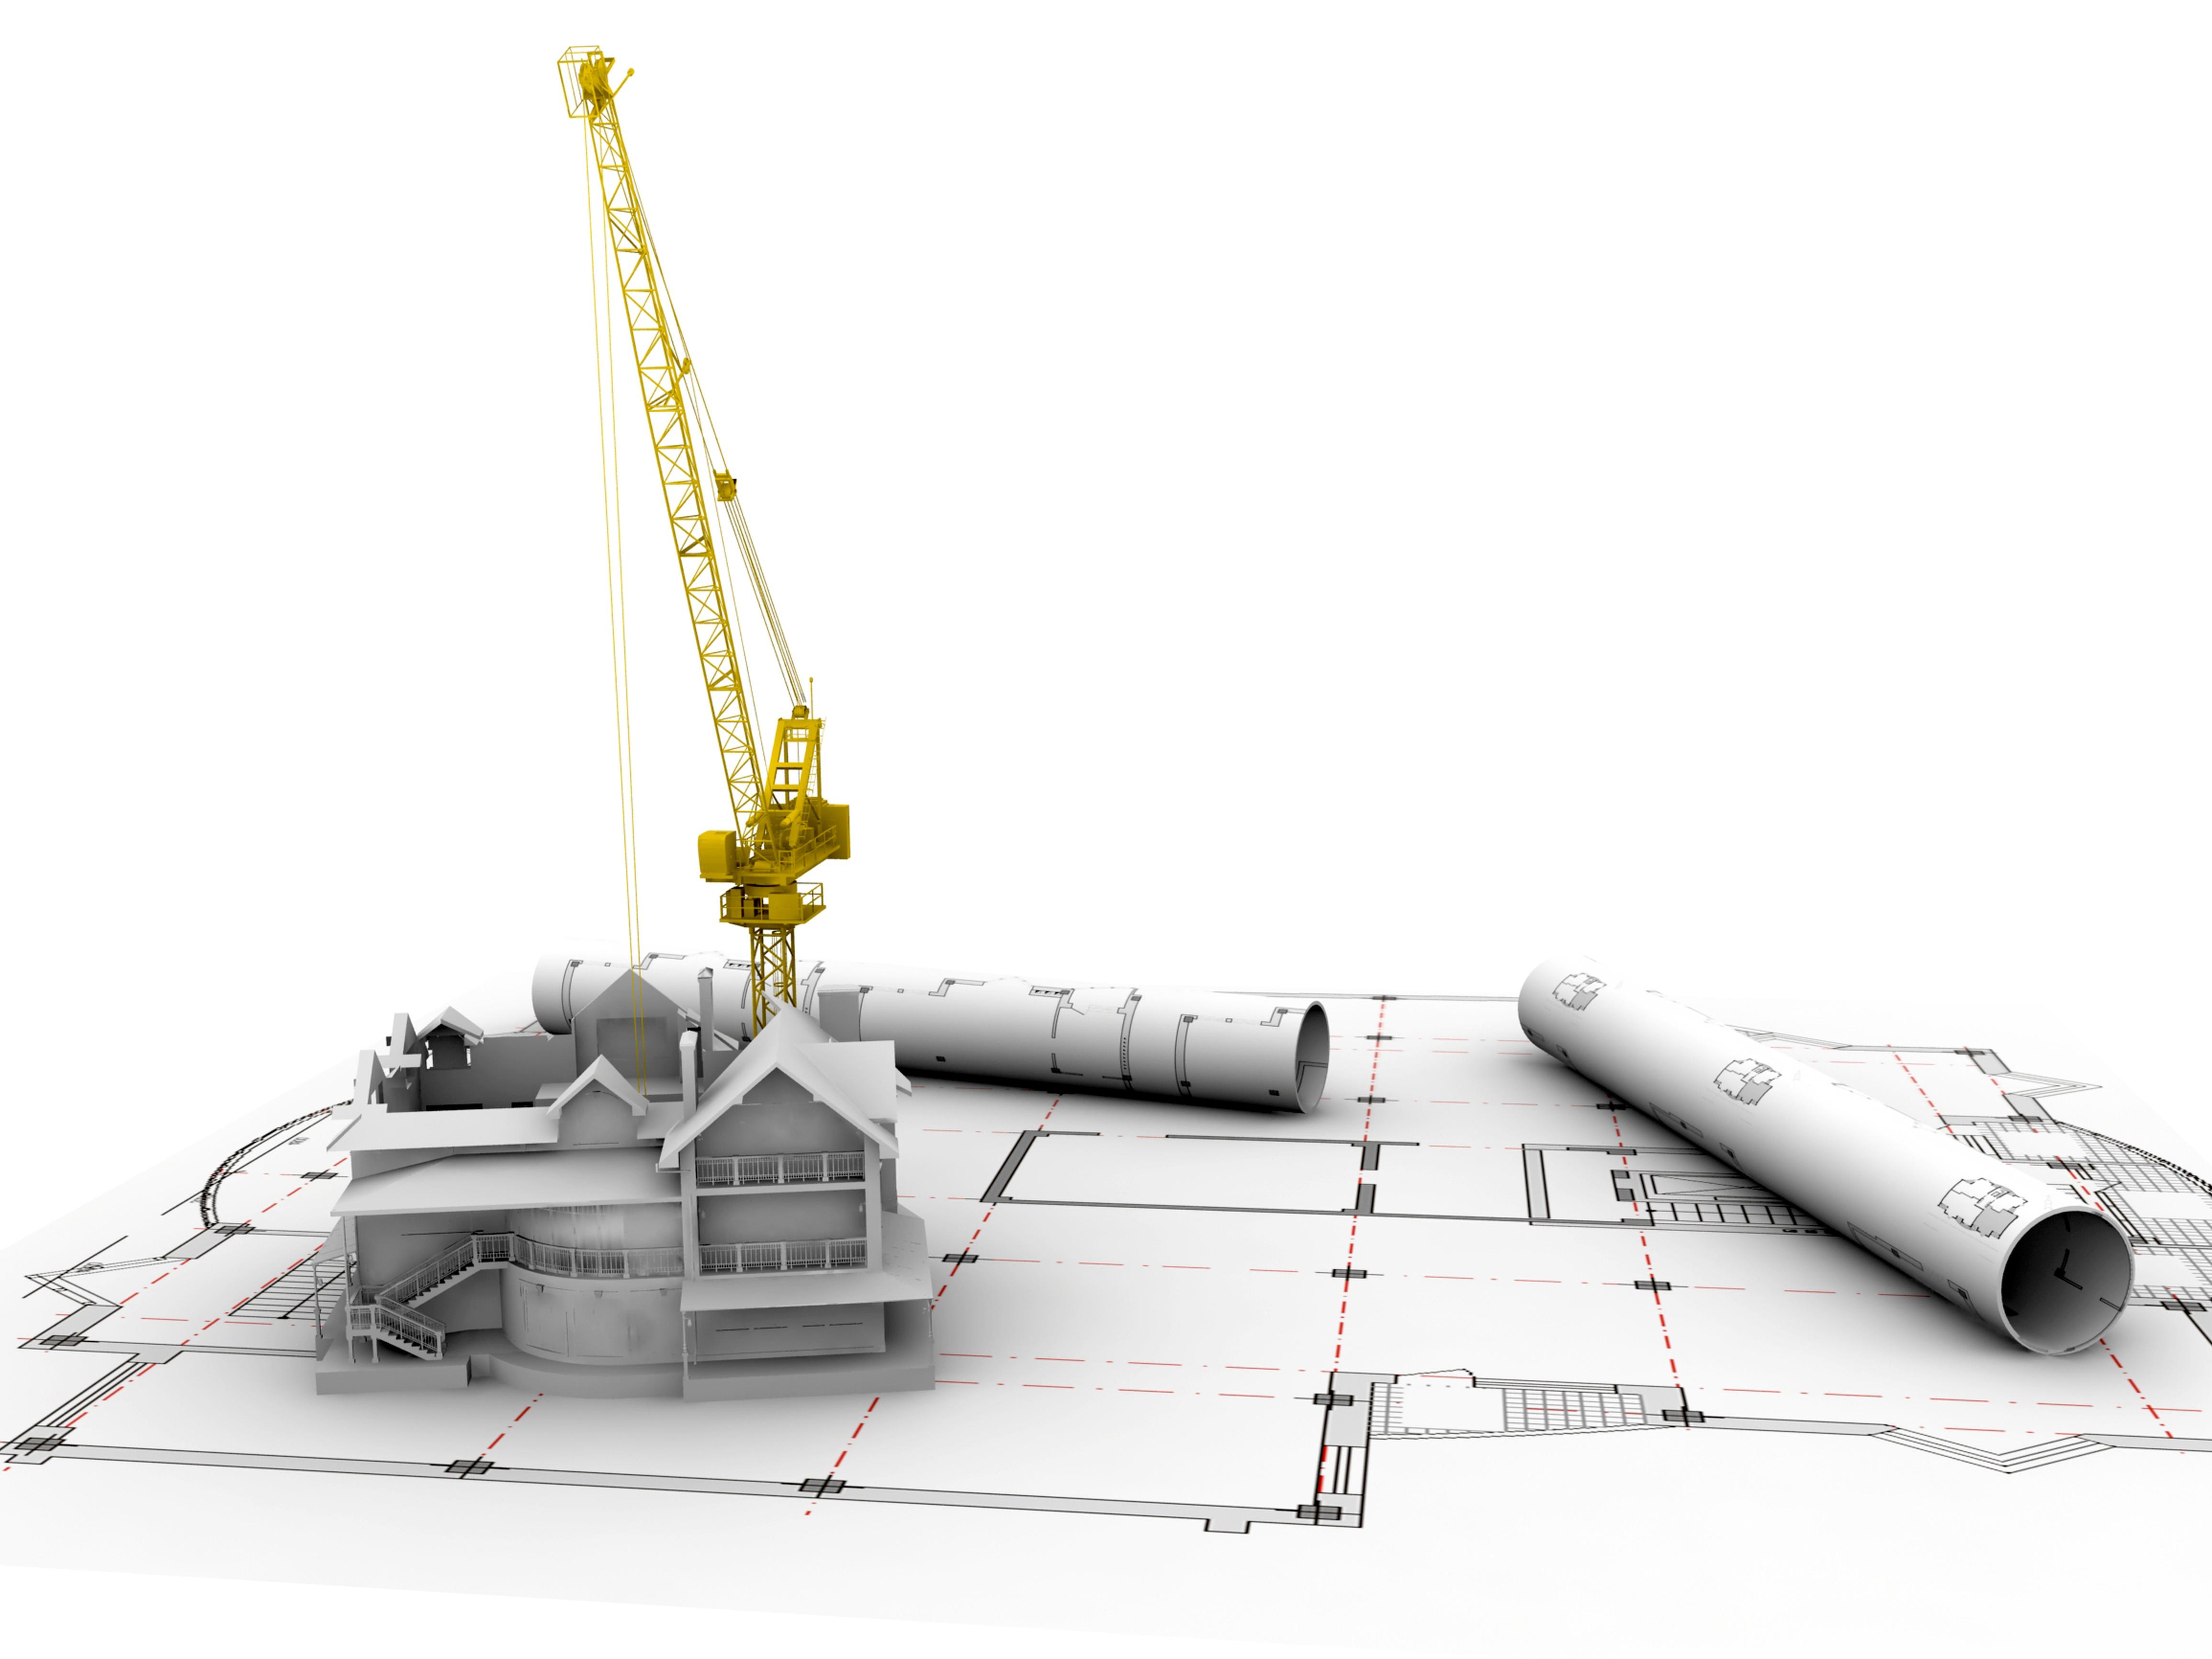 бланк техрешения для строительства